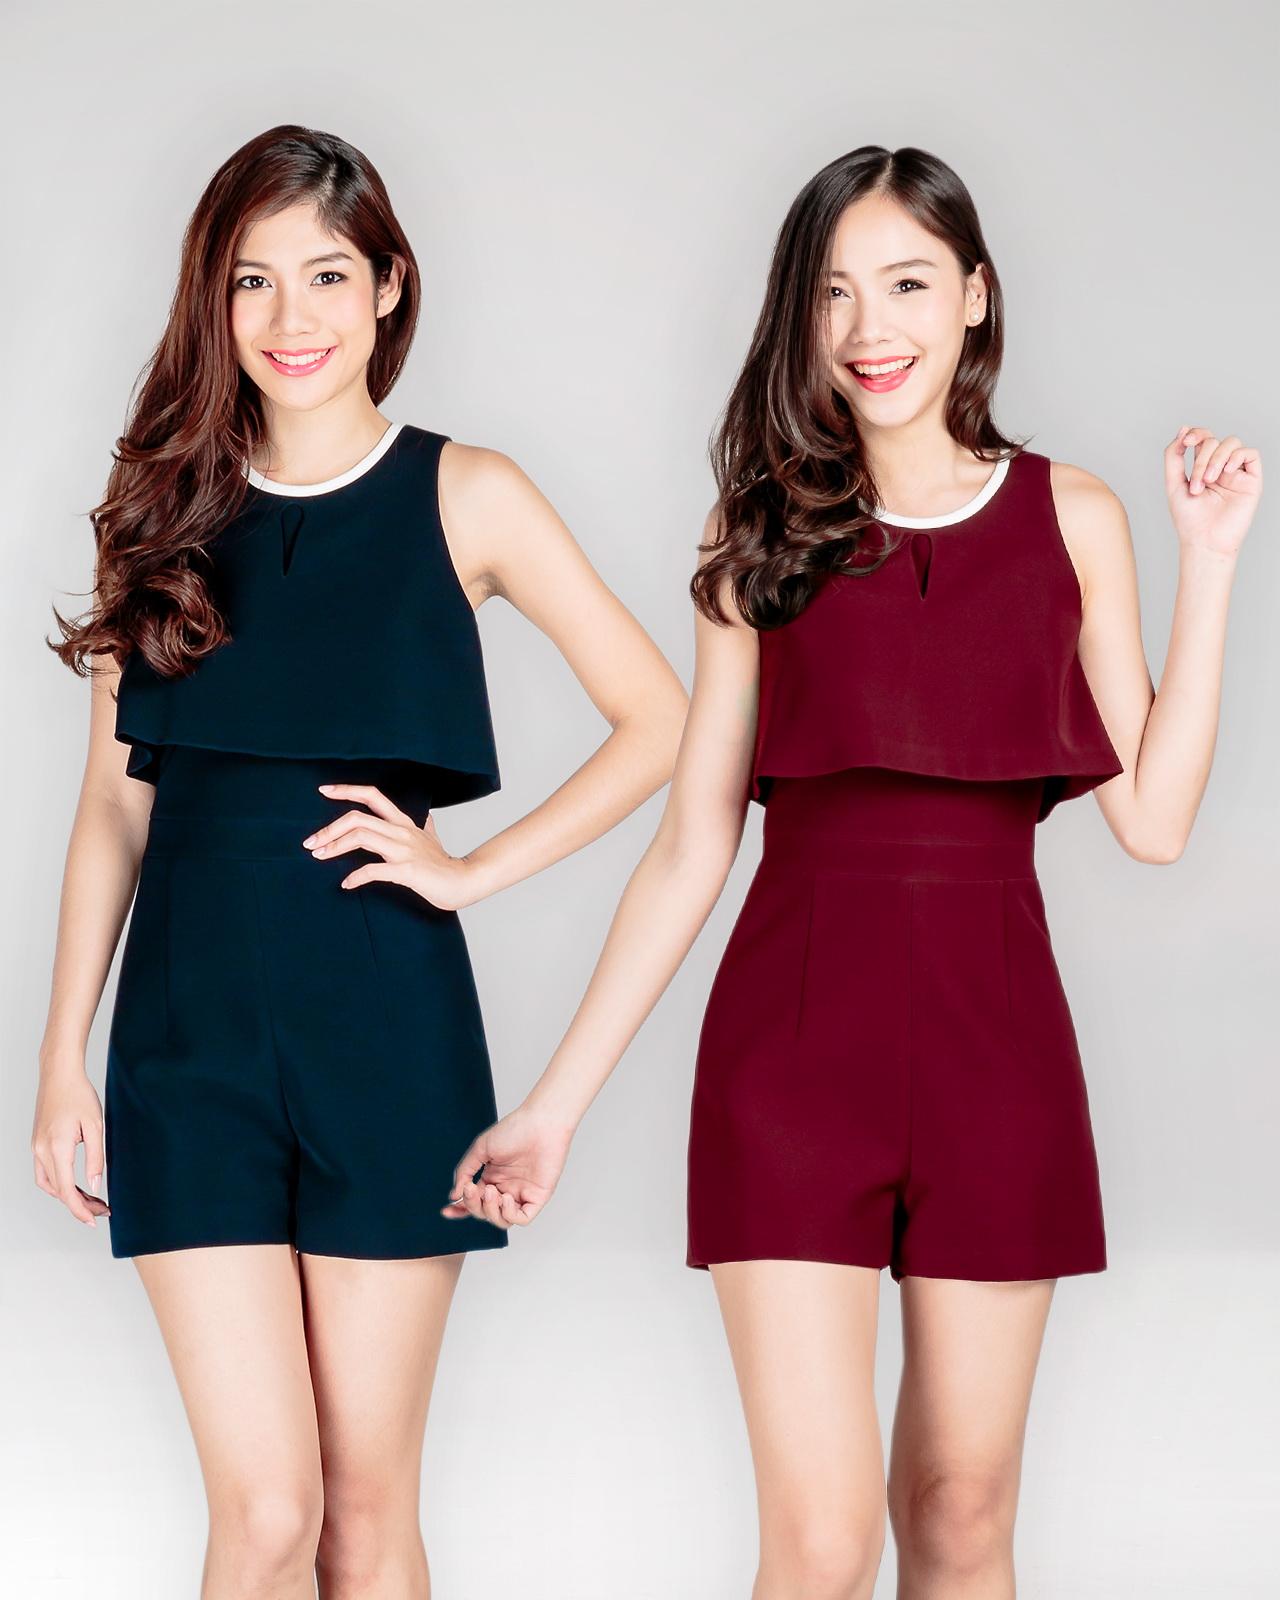 EL0105,เสื้อผ้าผู้หญิง,จั๊มสูท,จั๊มสูทขาสั้น,จั๊มสูทแขนกุด